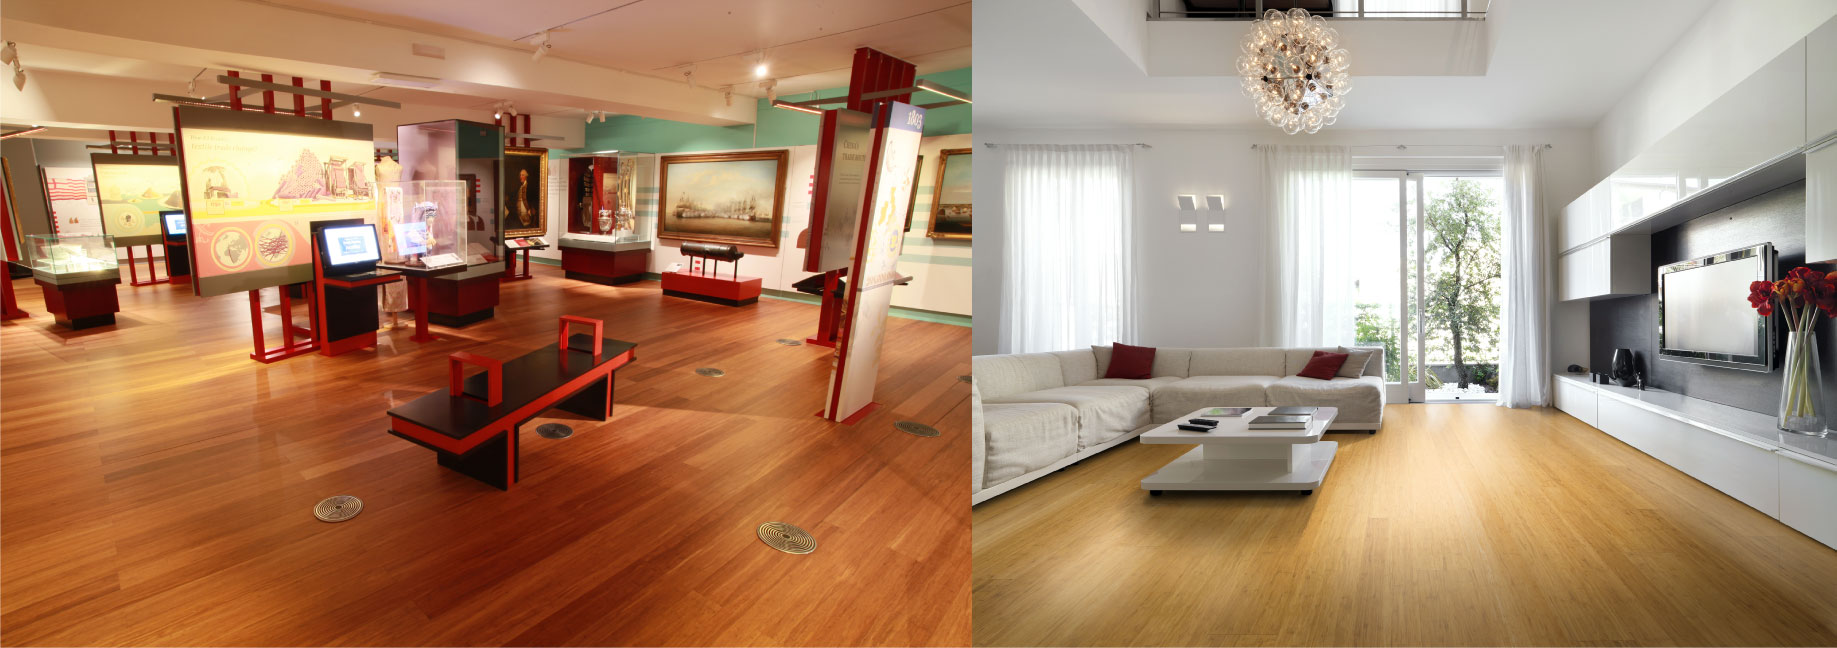 Bamboo Flooring Company